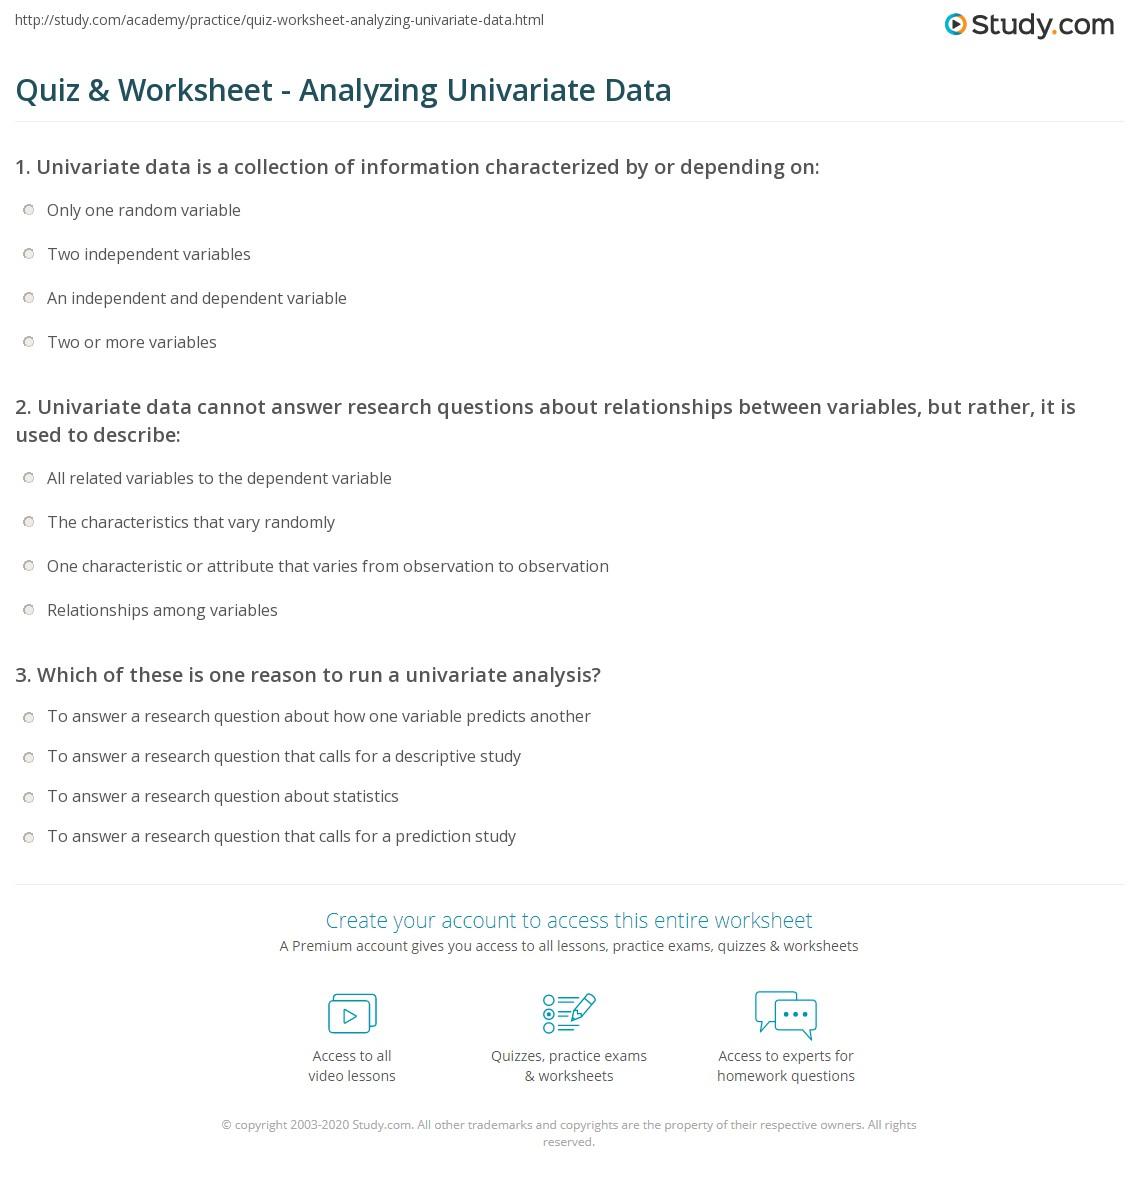 34 Dataysis Worksheet Answers